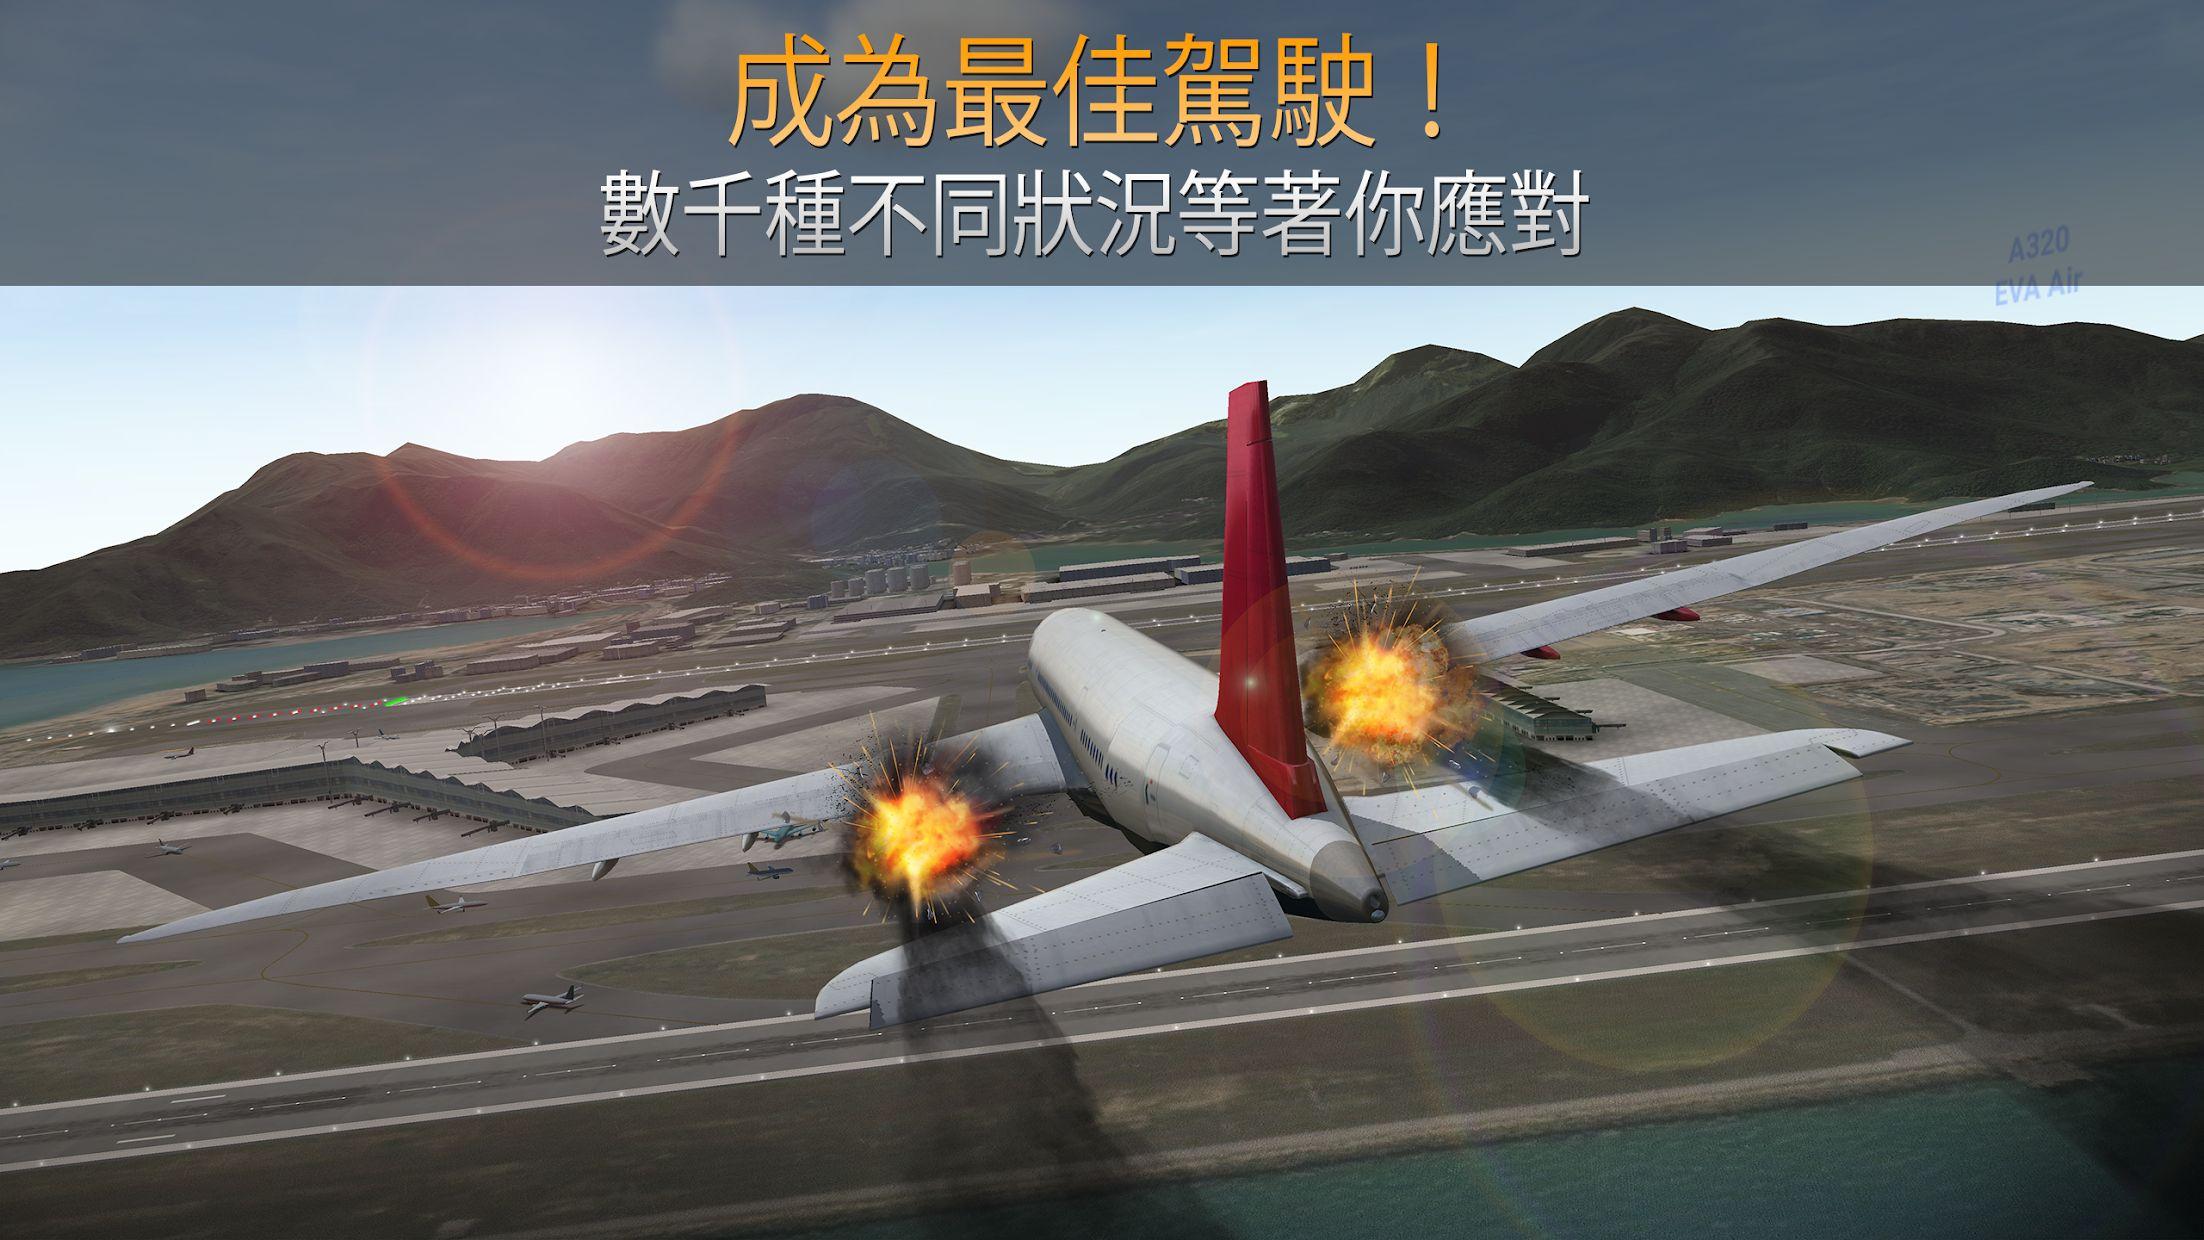 航空管制员(AIRLINE COMMANDER) 游戏截图3